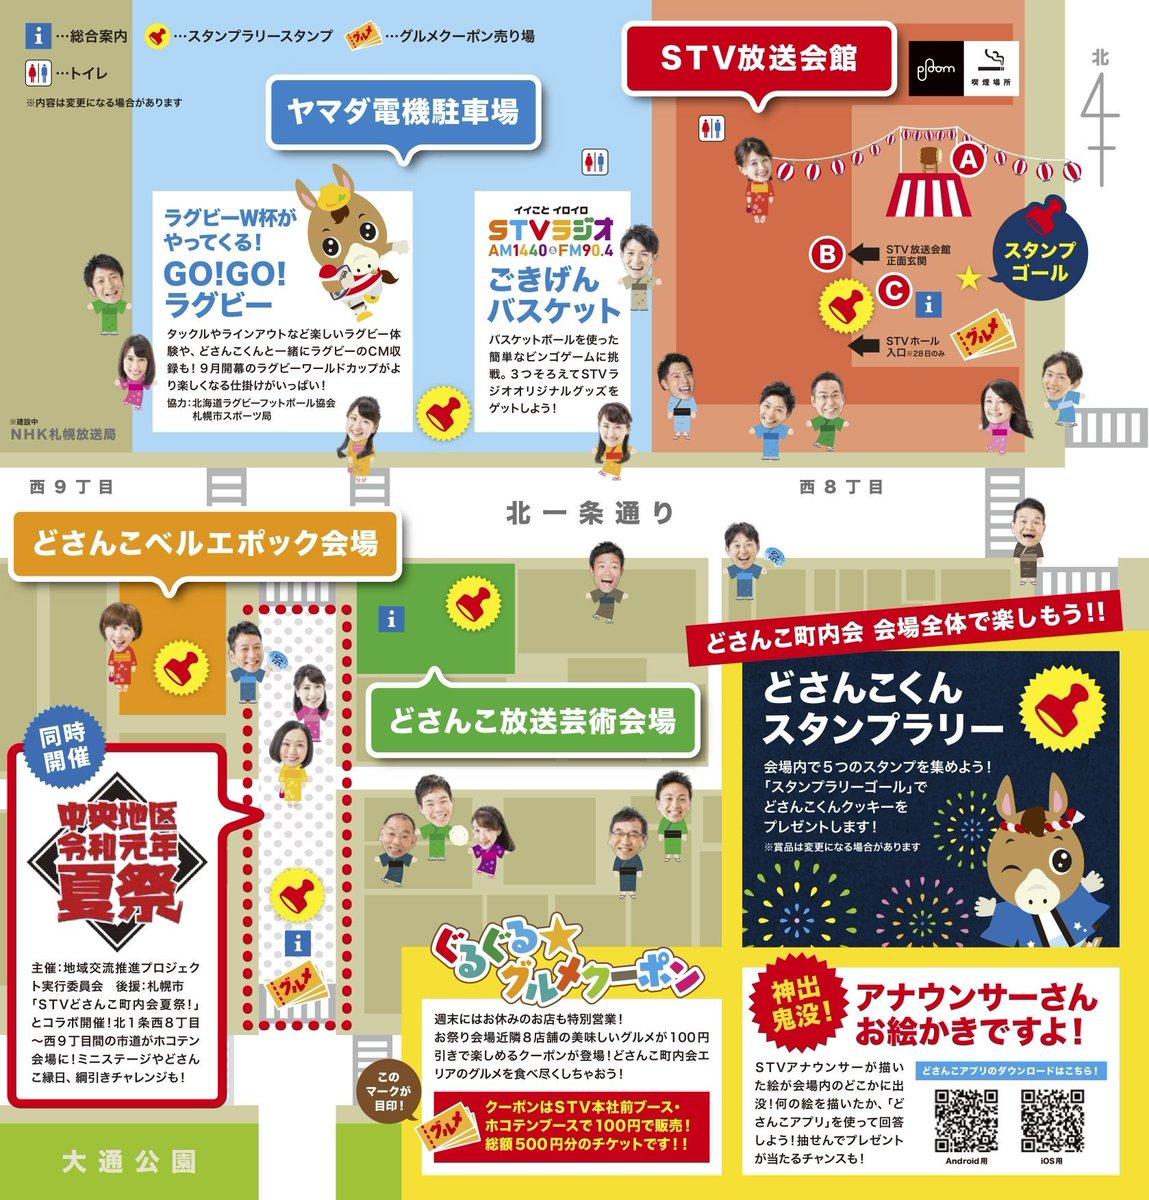 #どさんこ町内会夏祭 会場MAPを公開しました。 当日はSTV放送会館以外にもたくさんの催しがあります。 さらに #中央地区令和元年夏祭 も同時開催! 北1条西8丁目~9丁目の市道が #歩行者天国 になります。 #縁日 などみなさん楽しむことができる会場です。 http://www.stv.jp/event/natsumatsuri/index.html…